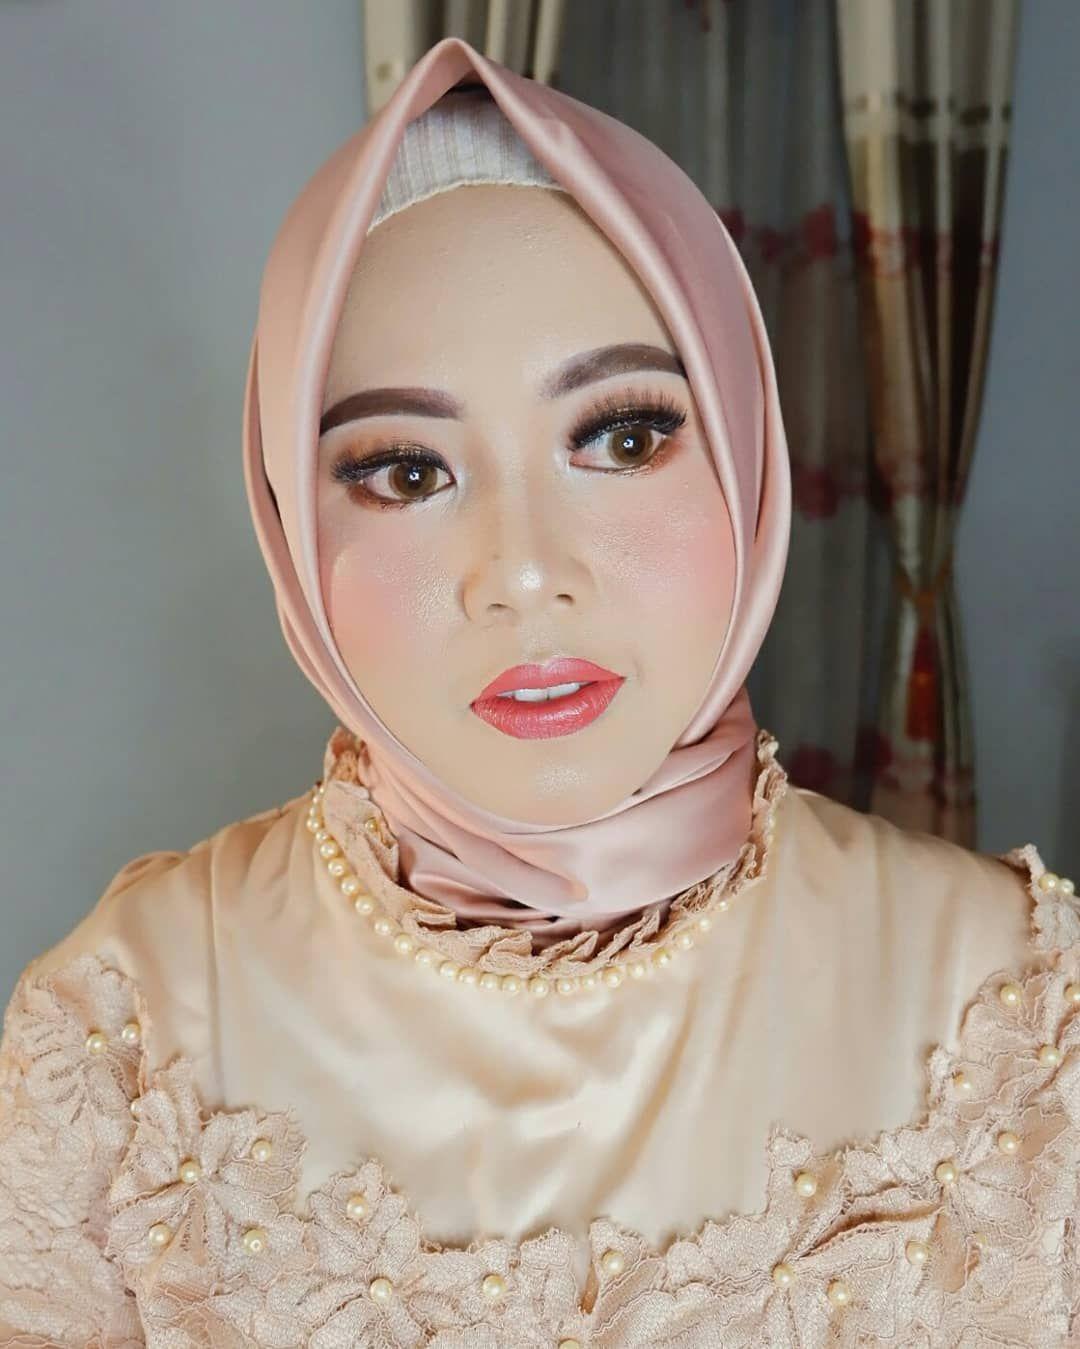 Makeup by euismakeup . Info / booking cek bio